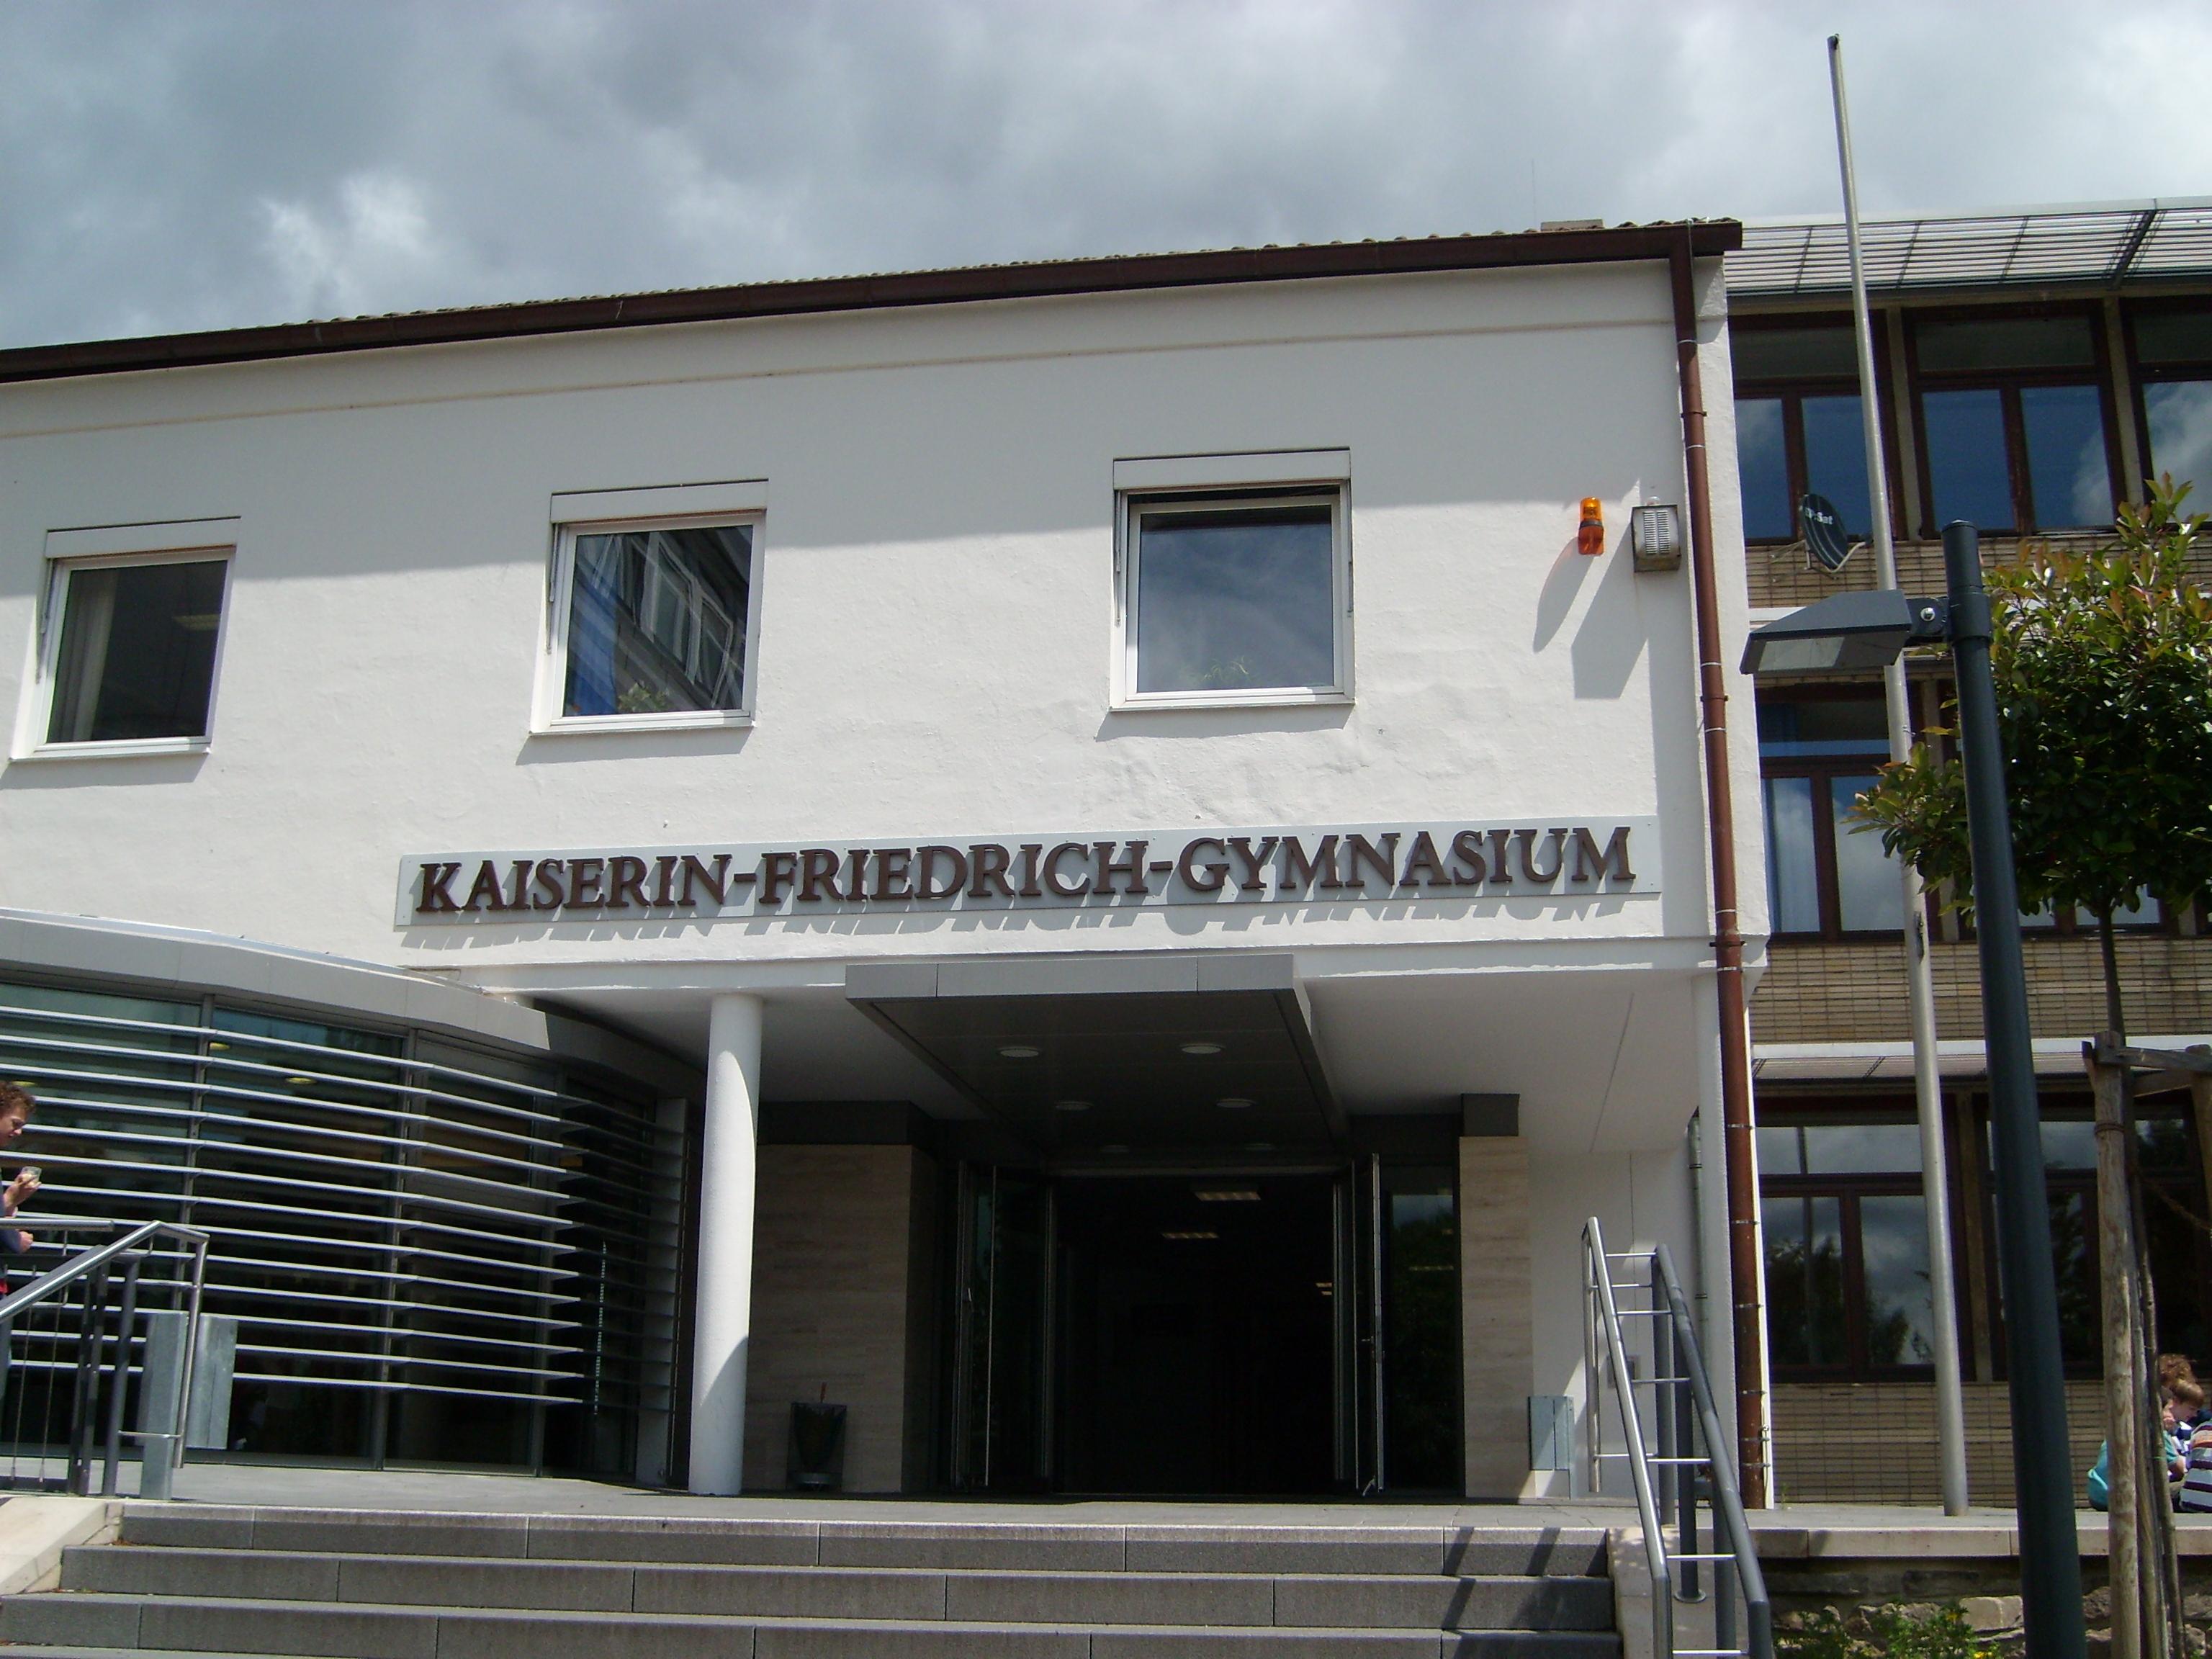 Kaiserin-Friedrich-Gymnasium